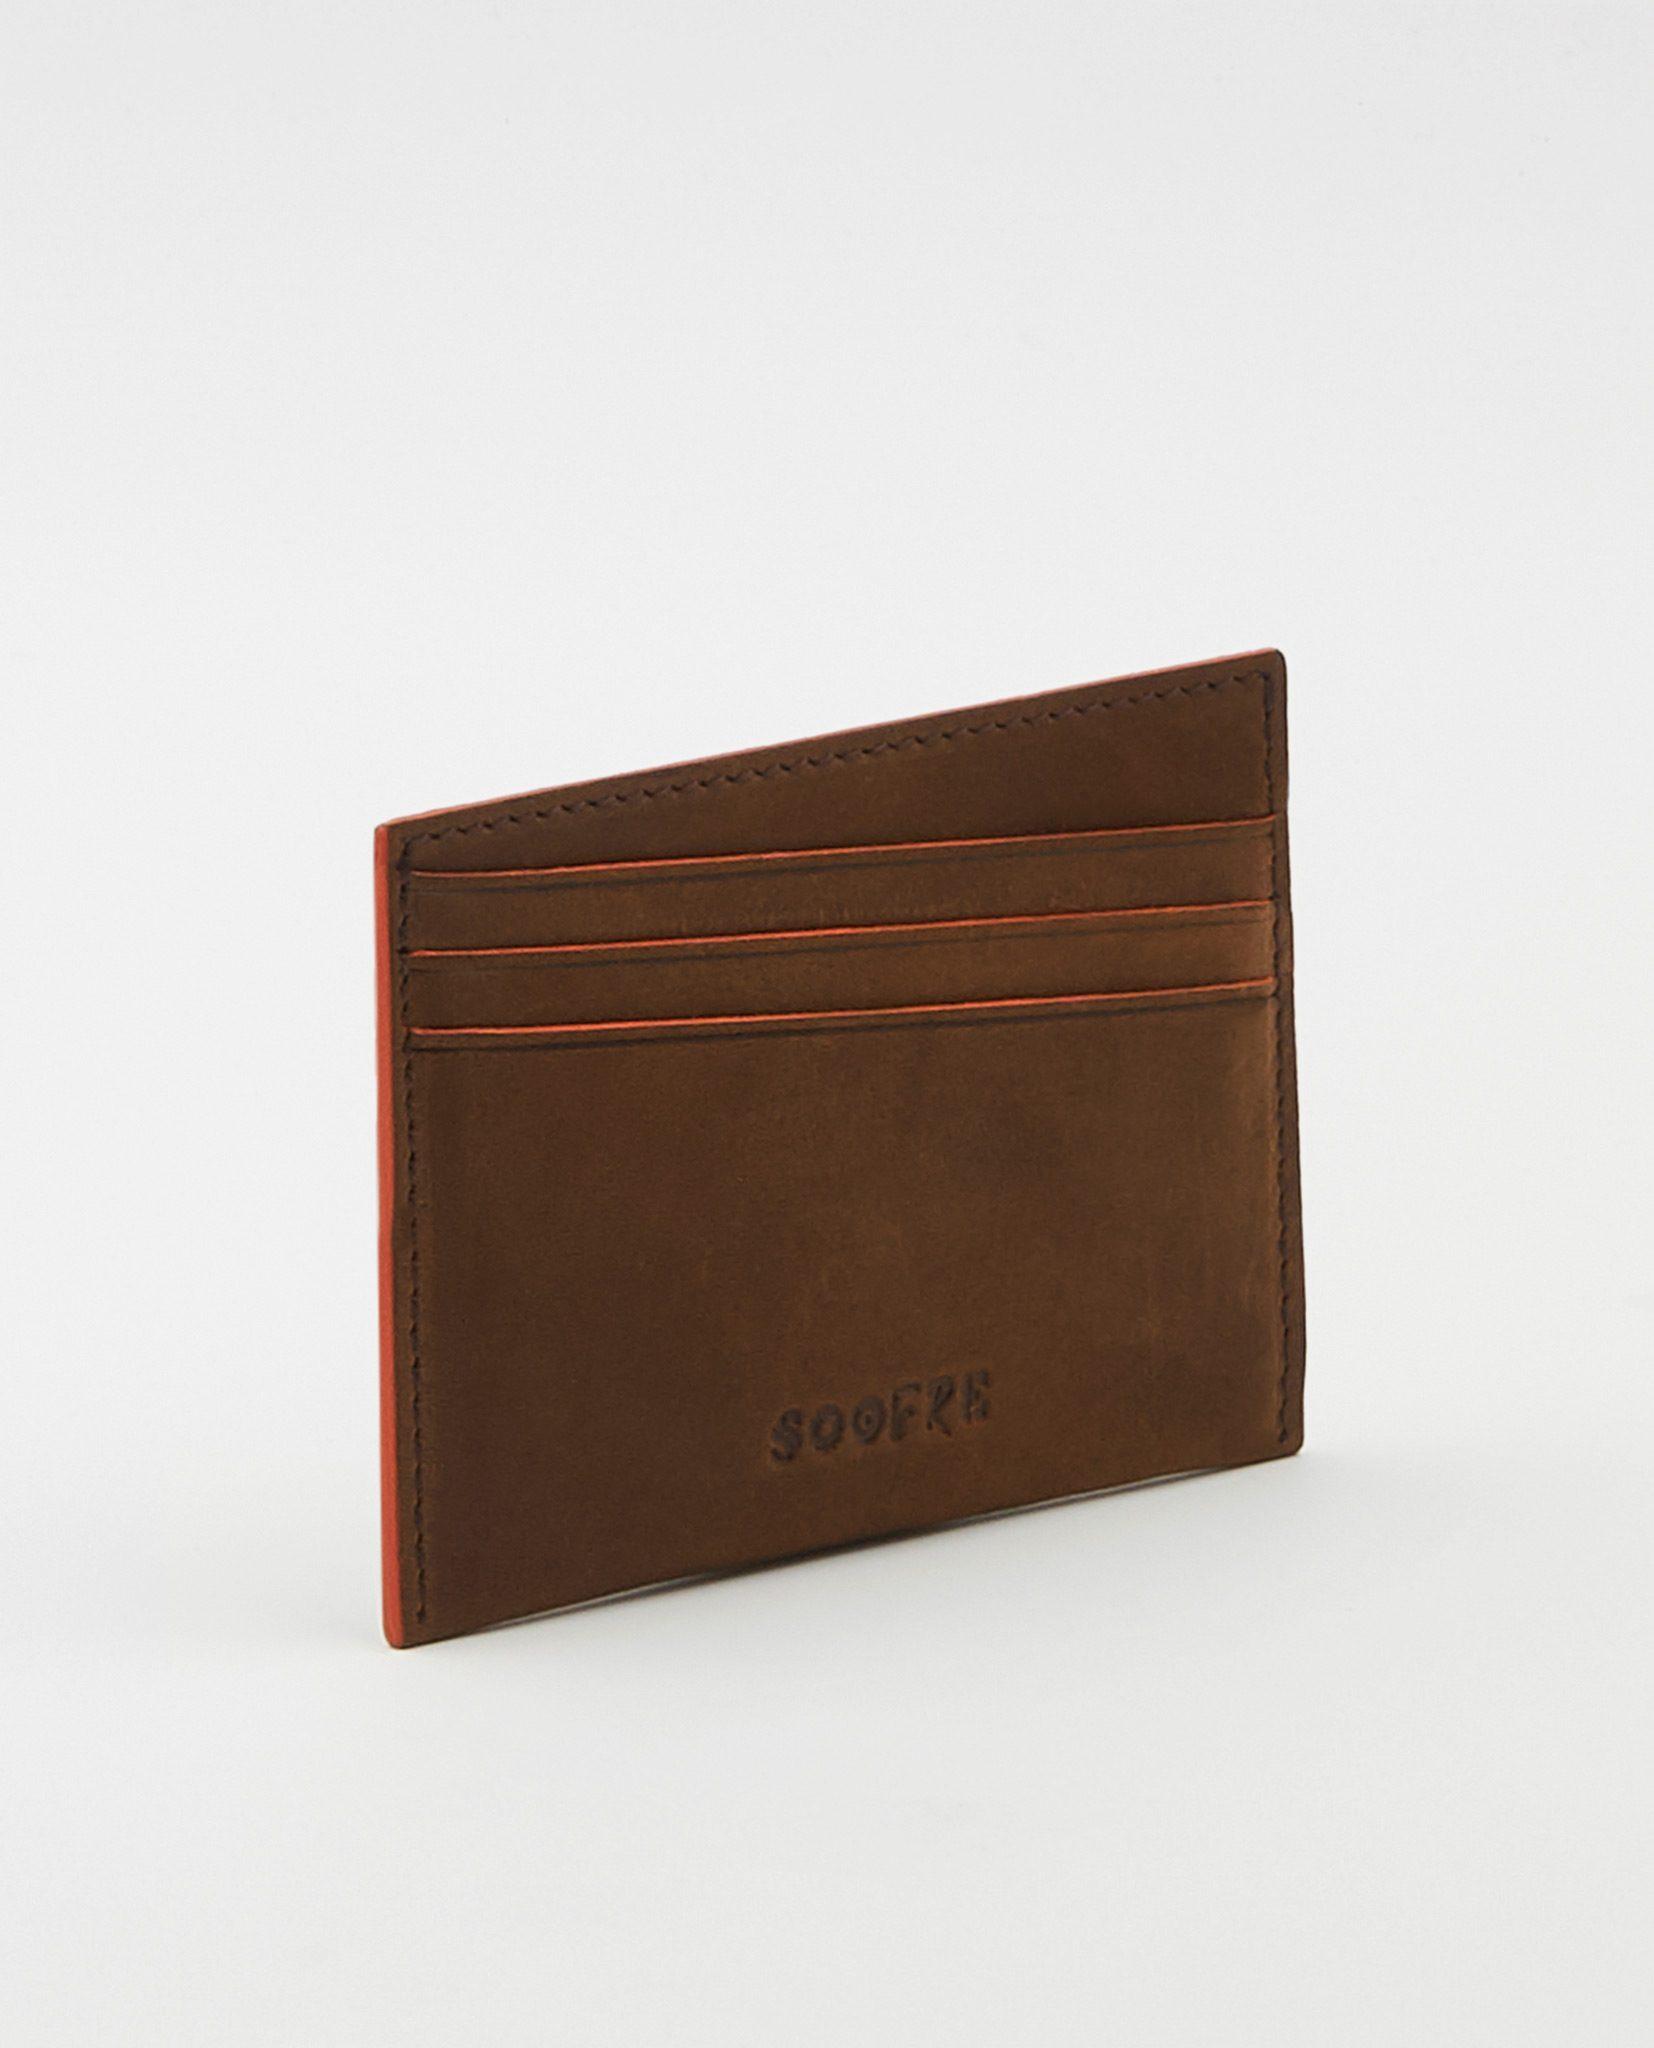 Soofre_Card-Holder_Brown-Orange_1